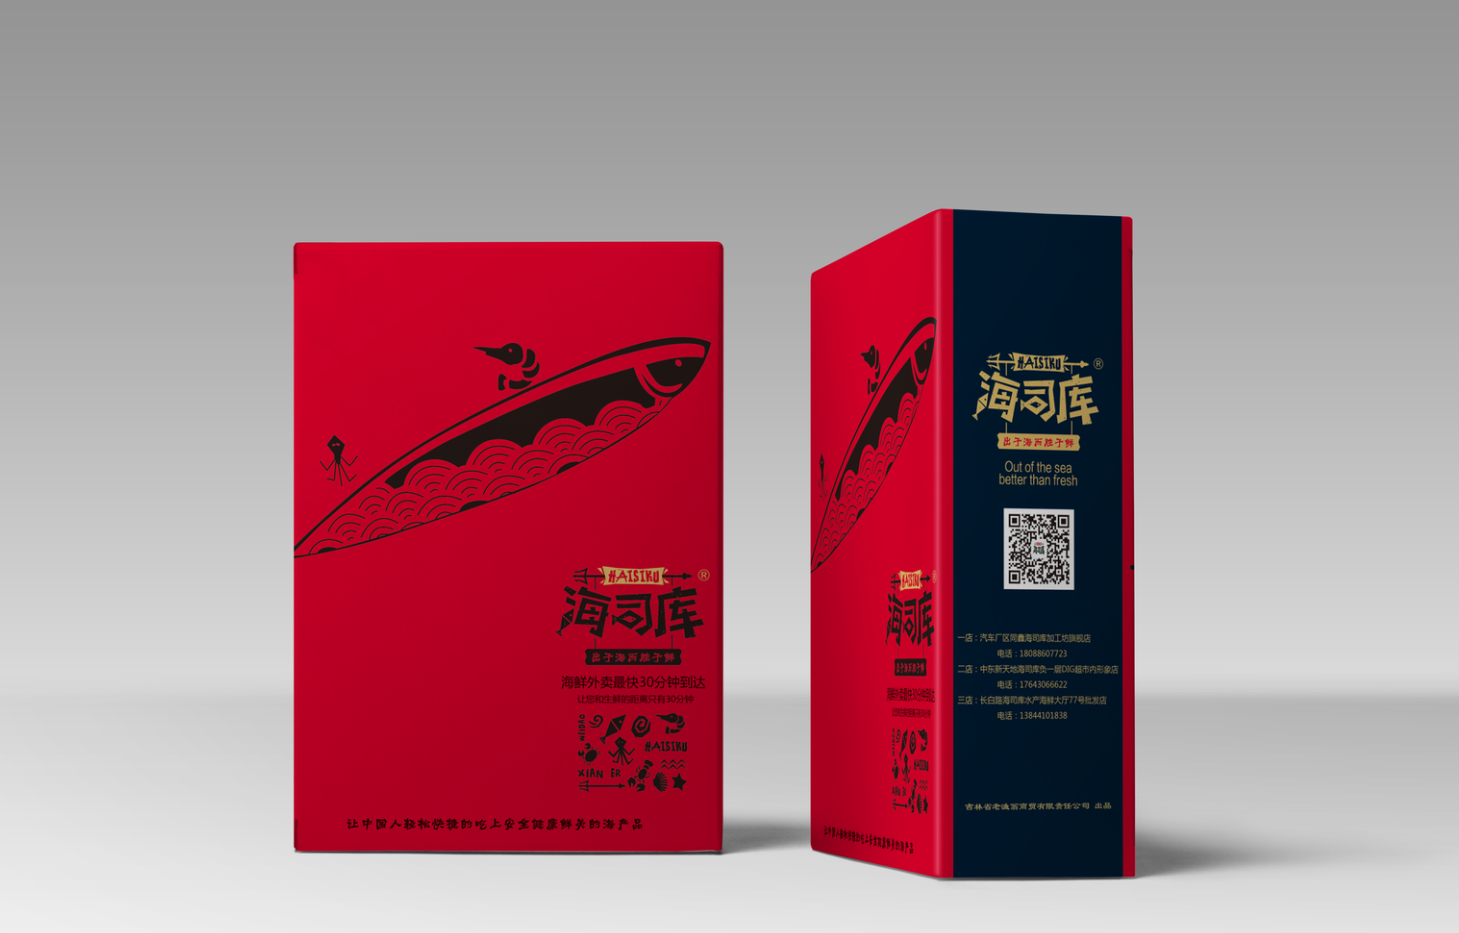 食品产品包装袋包装盒设计手绘插画设计化妆品手提袋品牌包装设计